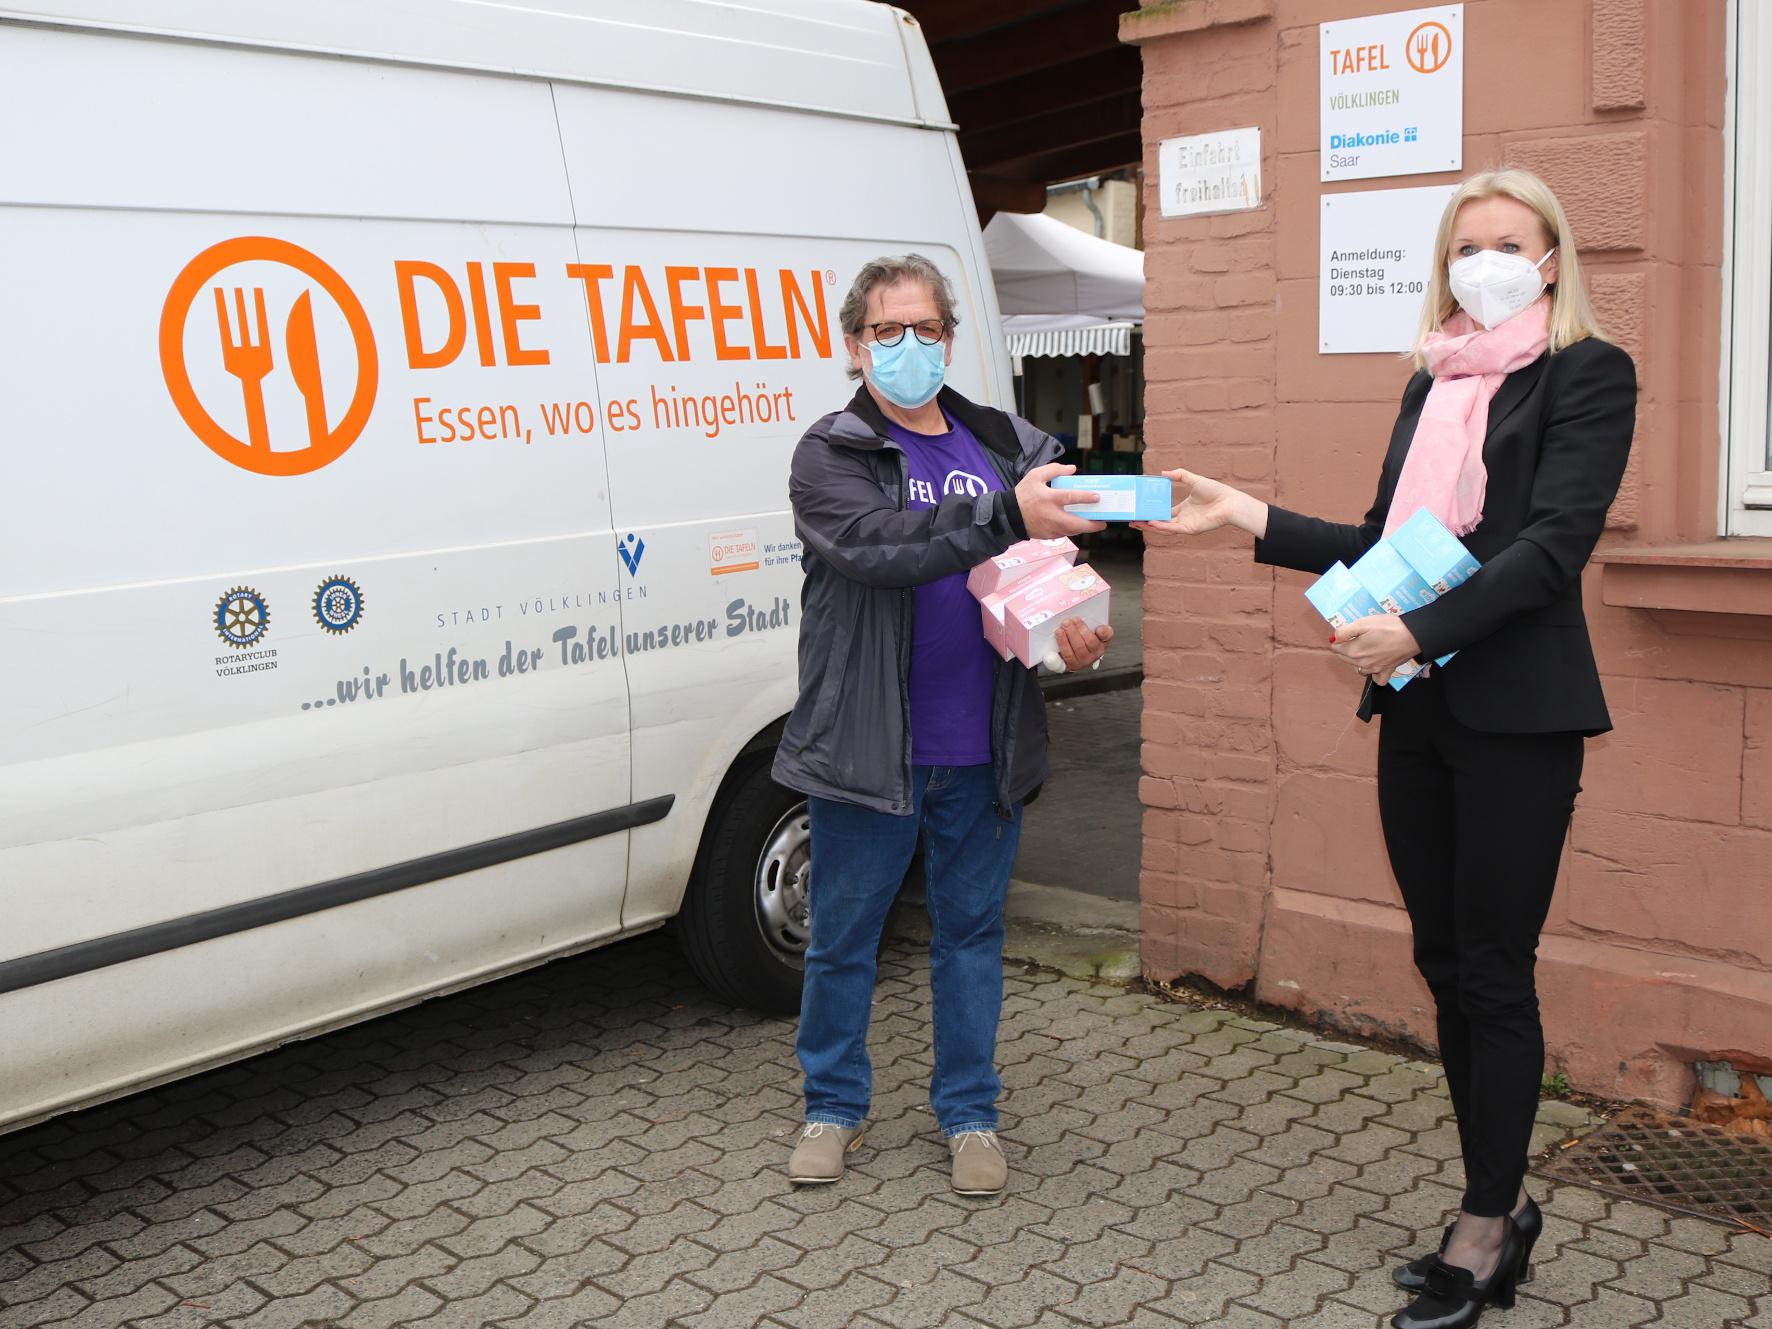 Reinhard Daschmann (l.) nimmt die Maskenspende von Katarzyna Schott entgegen. Foto: Diakonie Saar/Stein